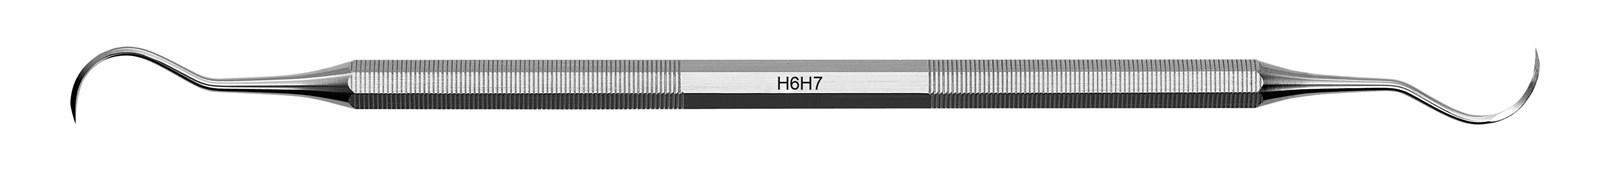 Scaler univerzální - H6H7, ADEP růžový